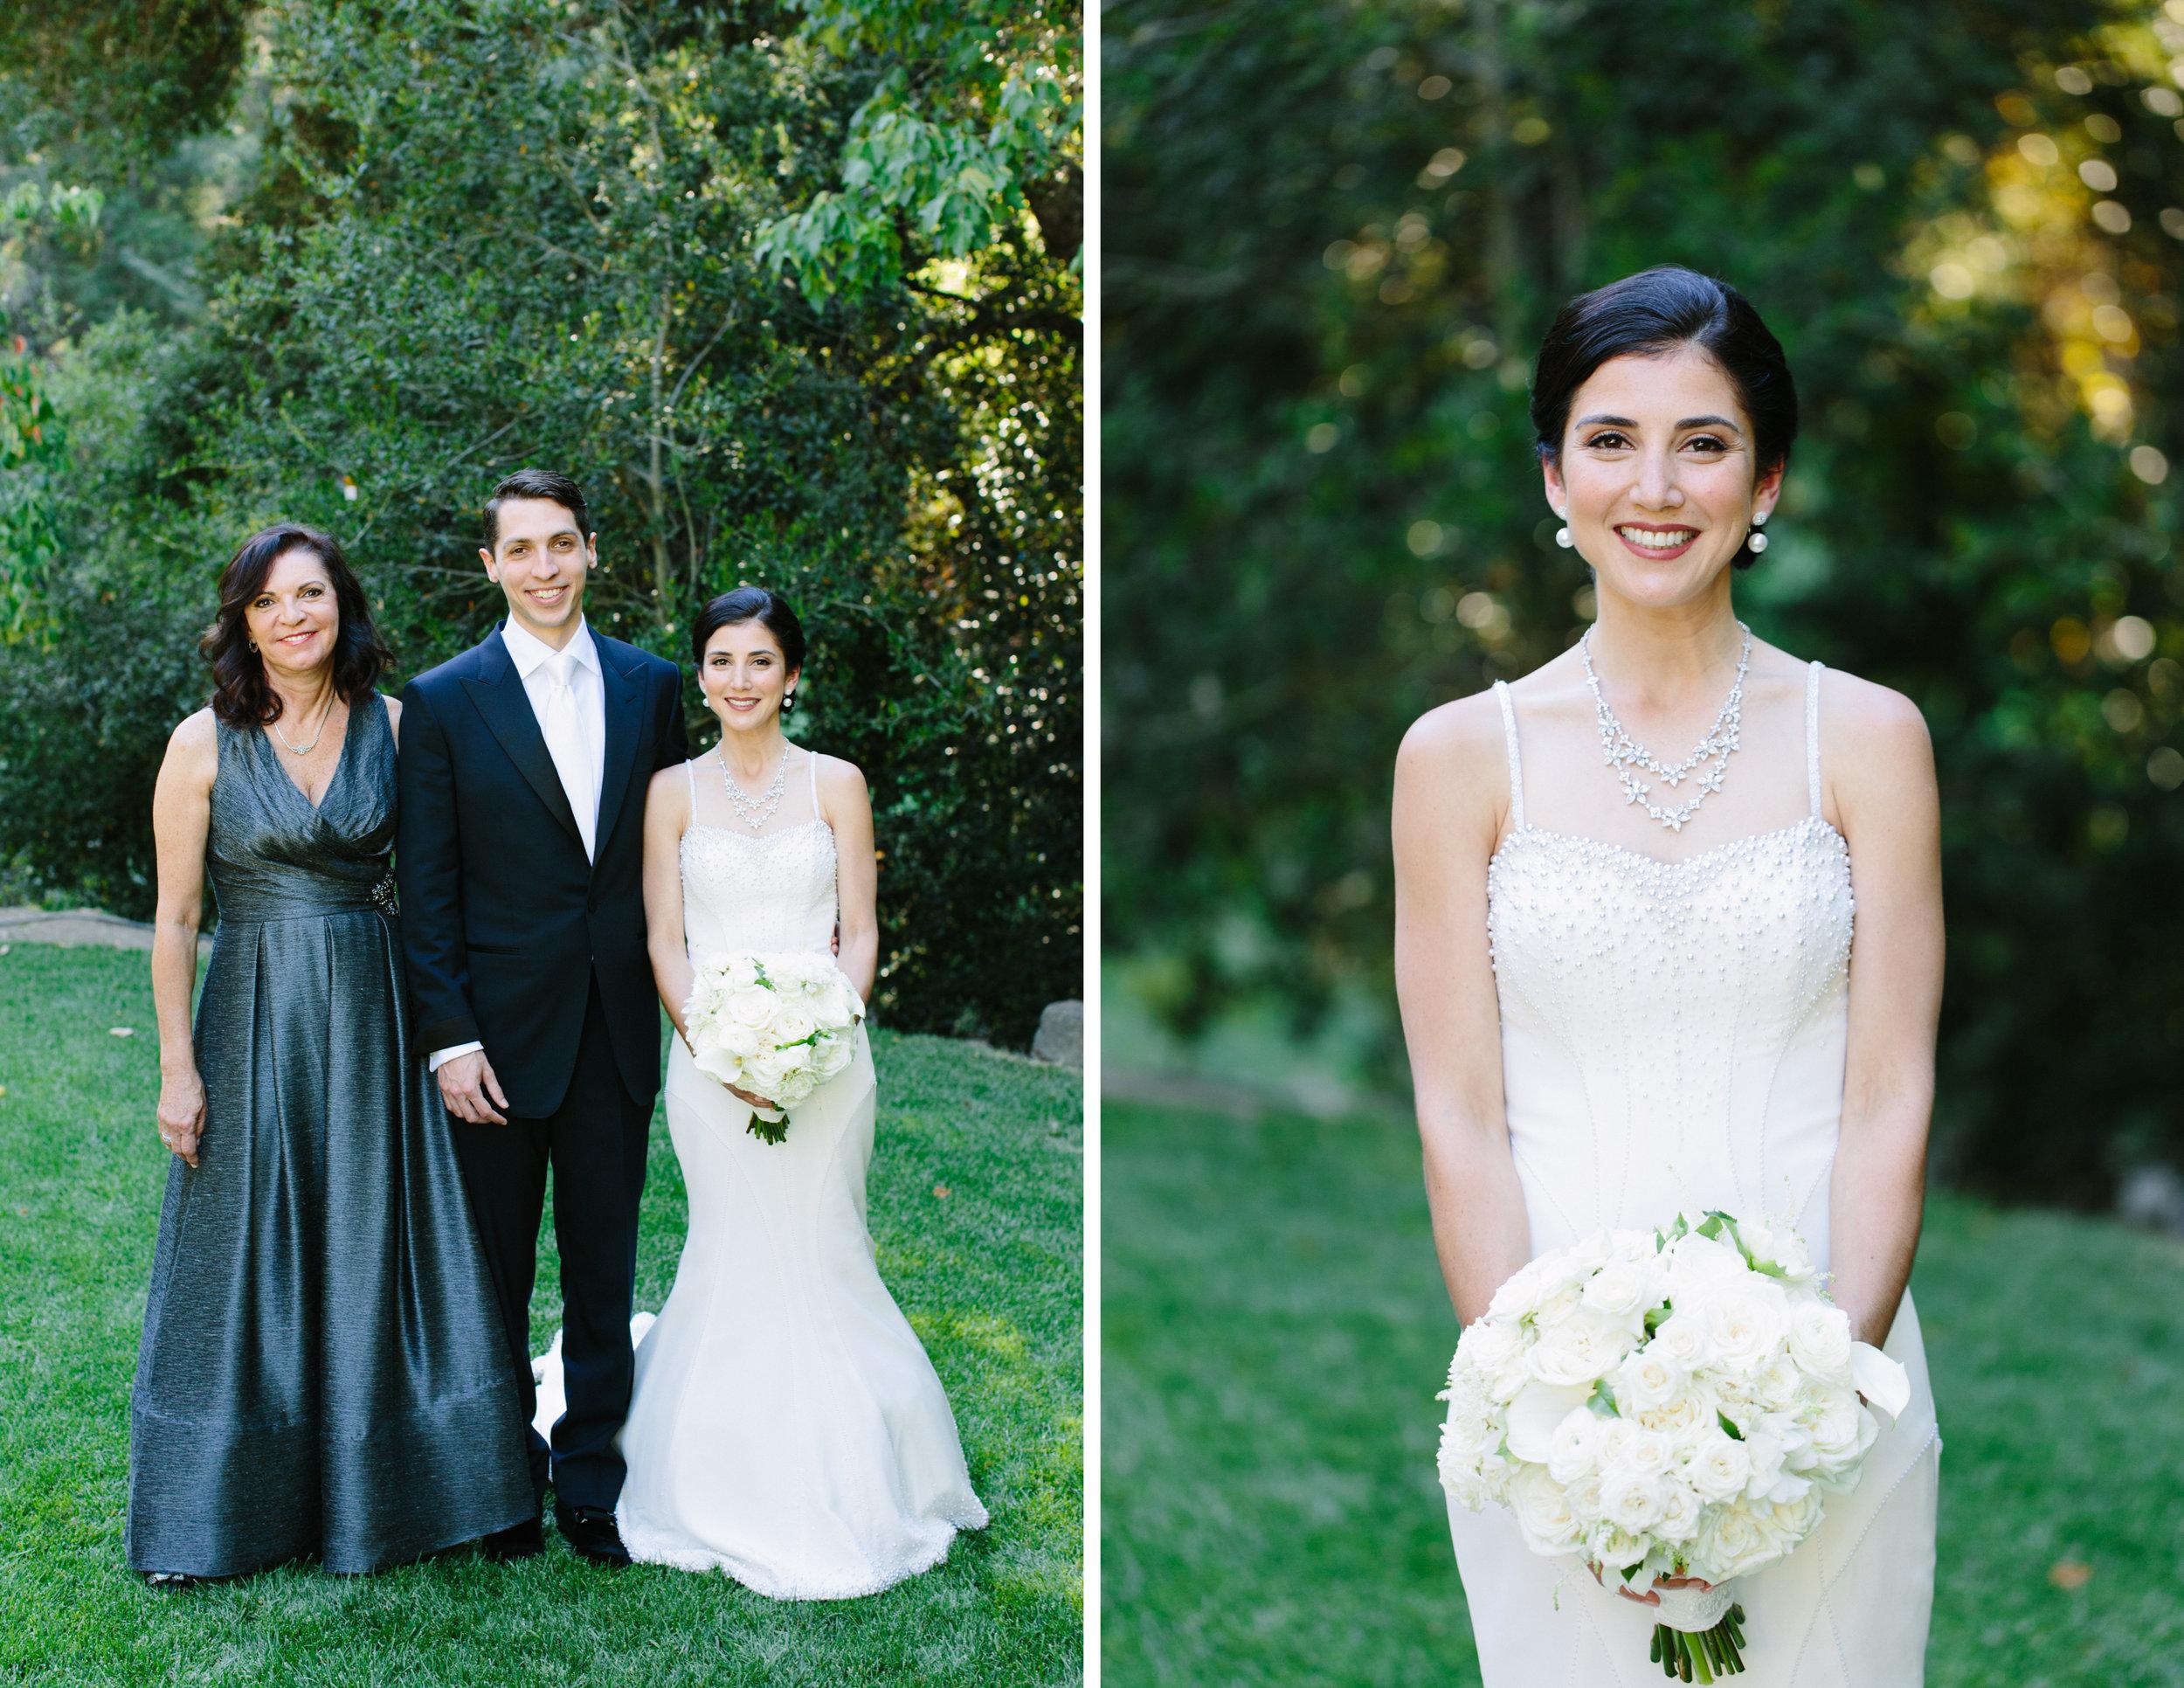 meadowood wedding 9.jpg